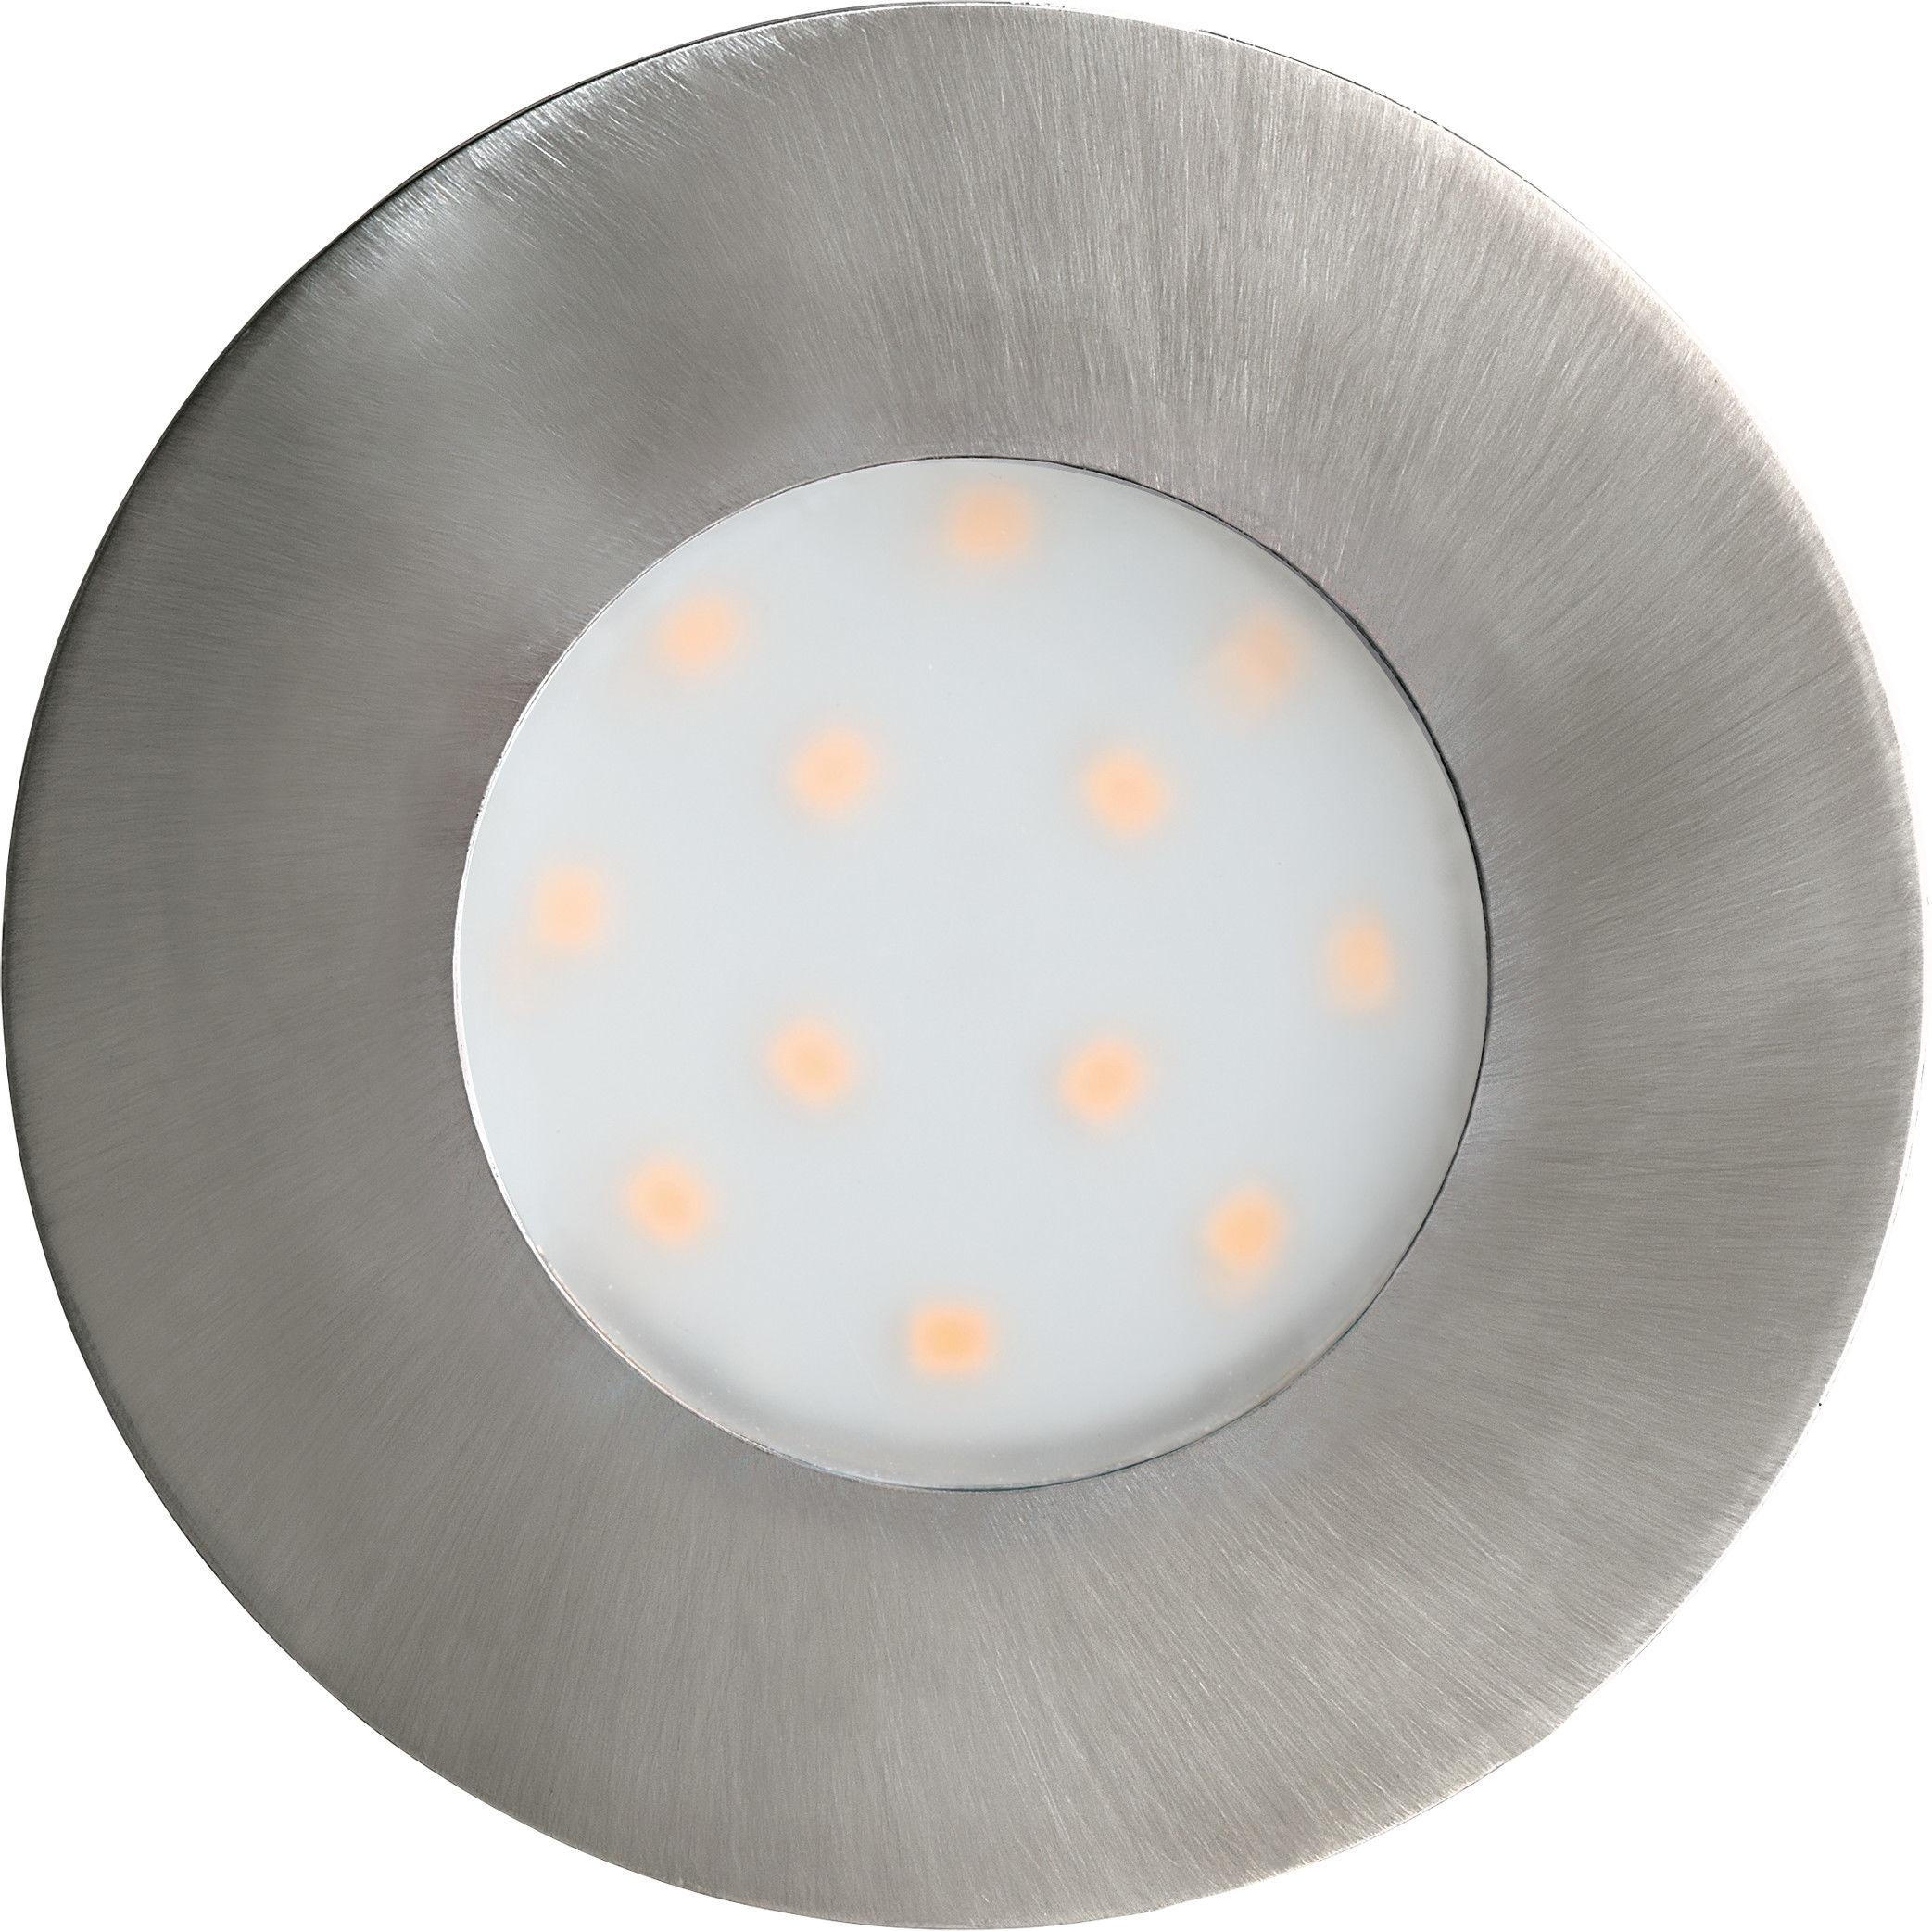 Oprawa zewnętrzna wpuszczana 1x6W LED 96415 PINEDA- IP44 EGLO